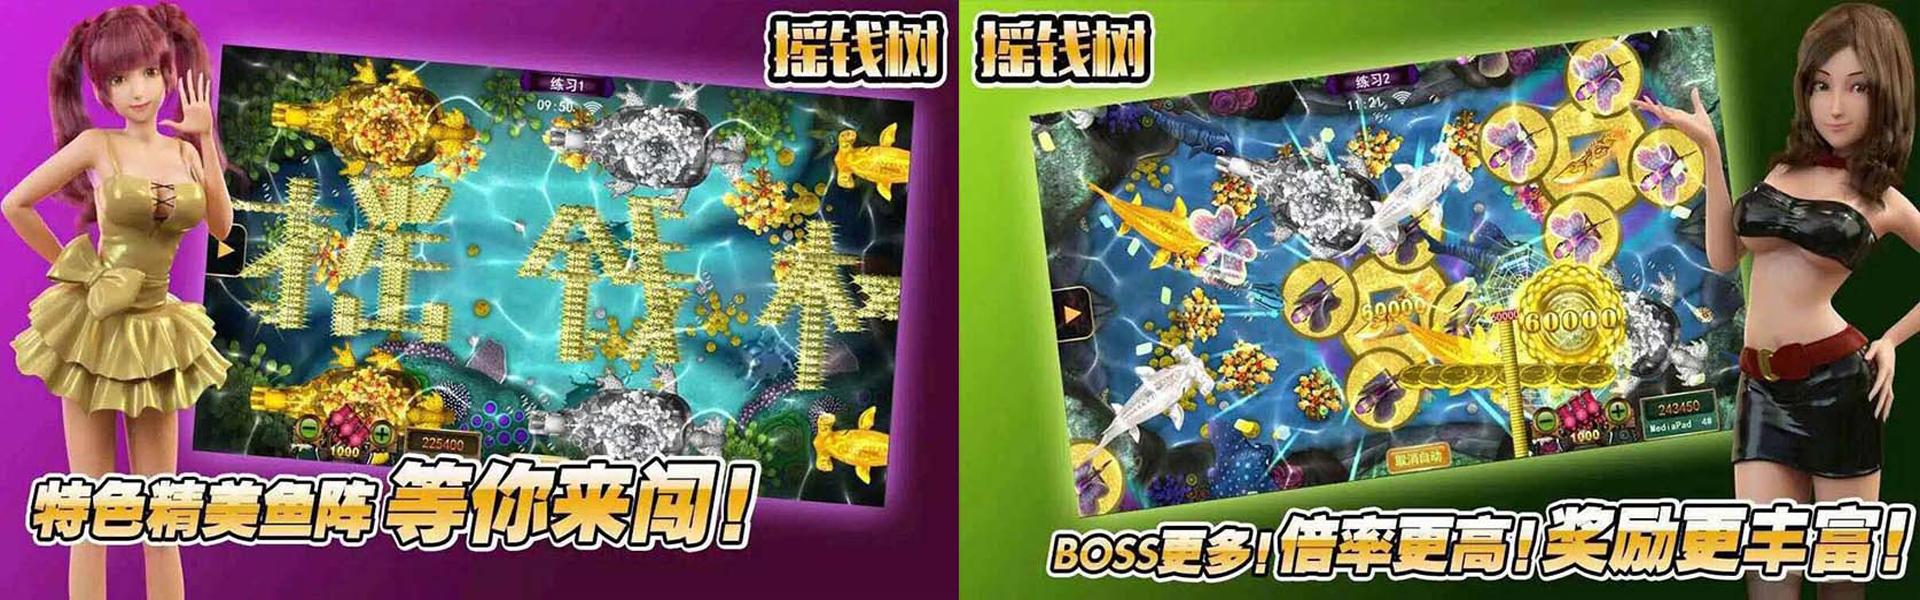 手机电玩城由星力科技精心打造,集合摇钱树,牛魔王,幸运六狮等多款手机捕鱼游戏,是一款稳定靠谱公平公正的电玩打鱼平台